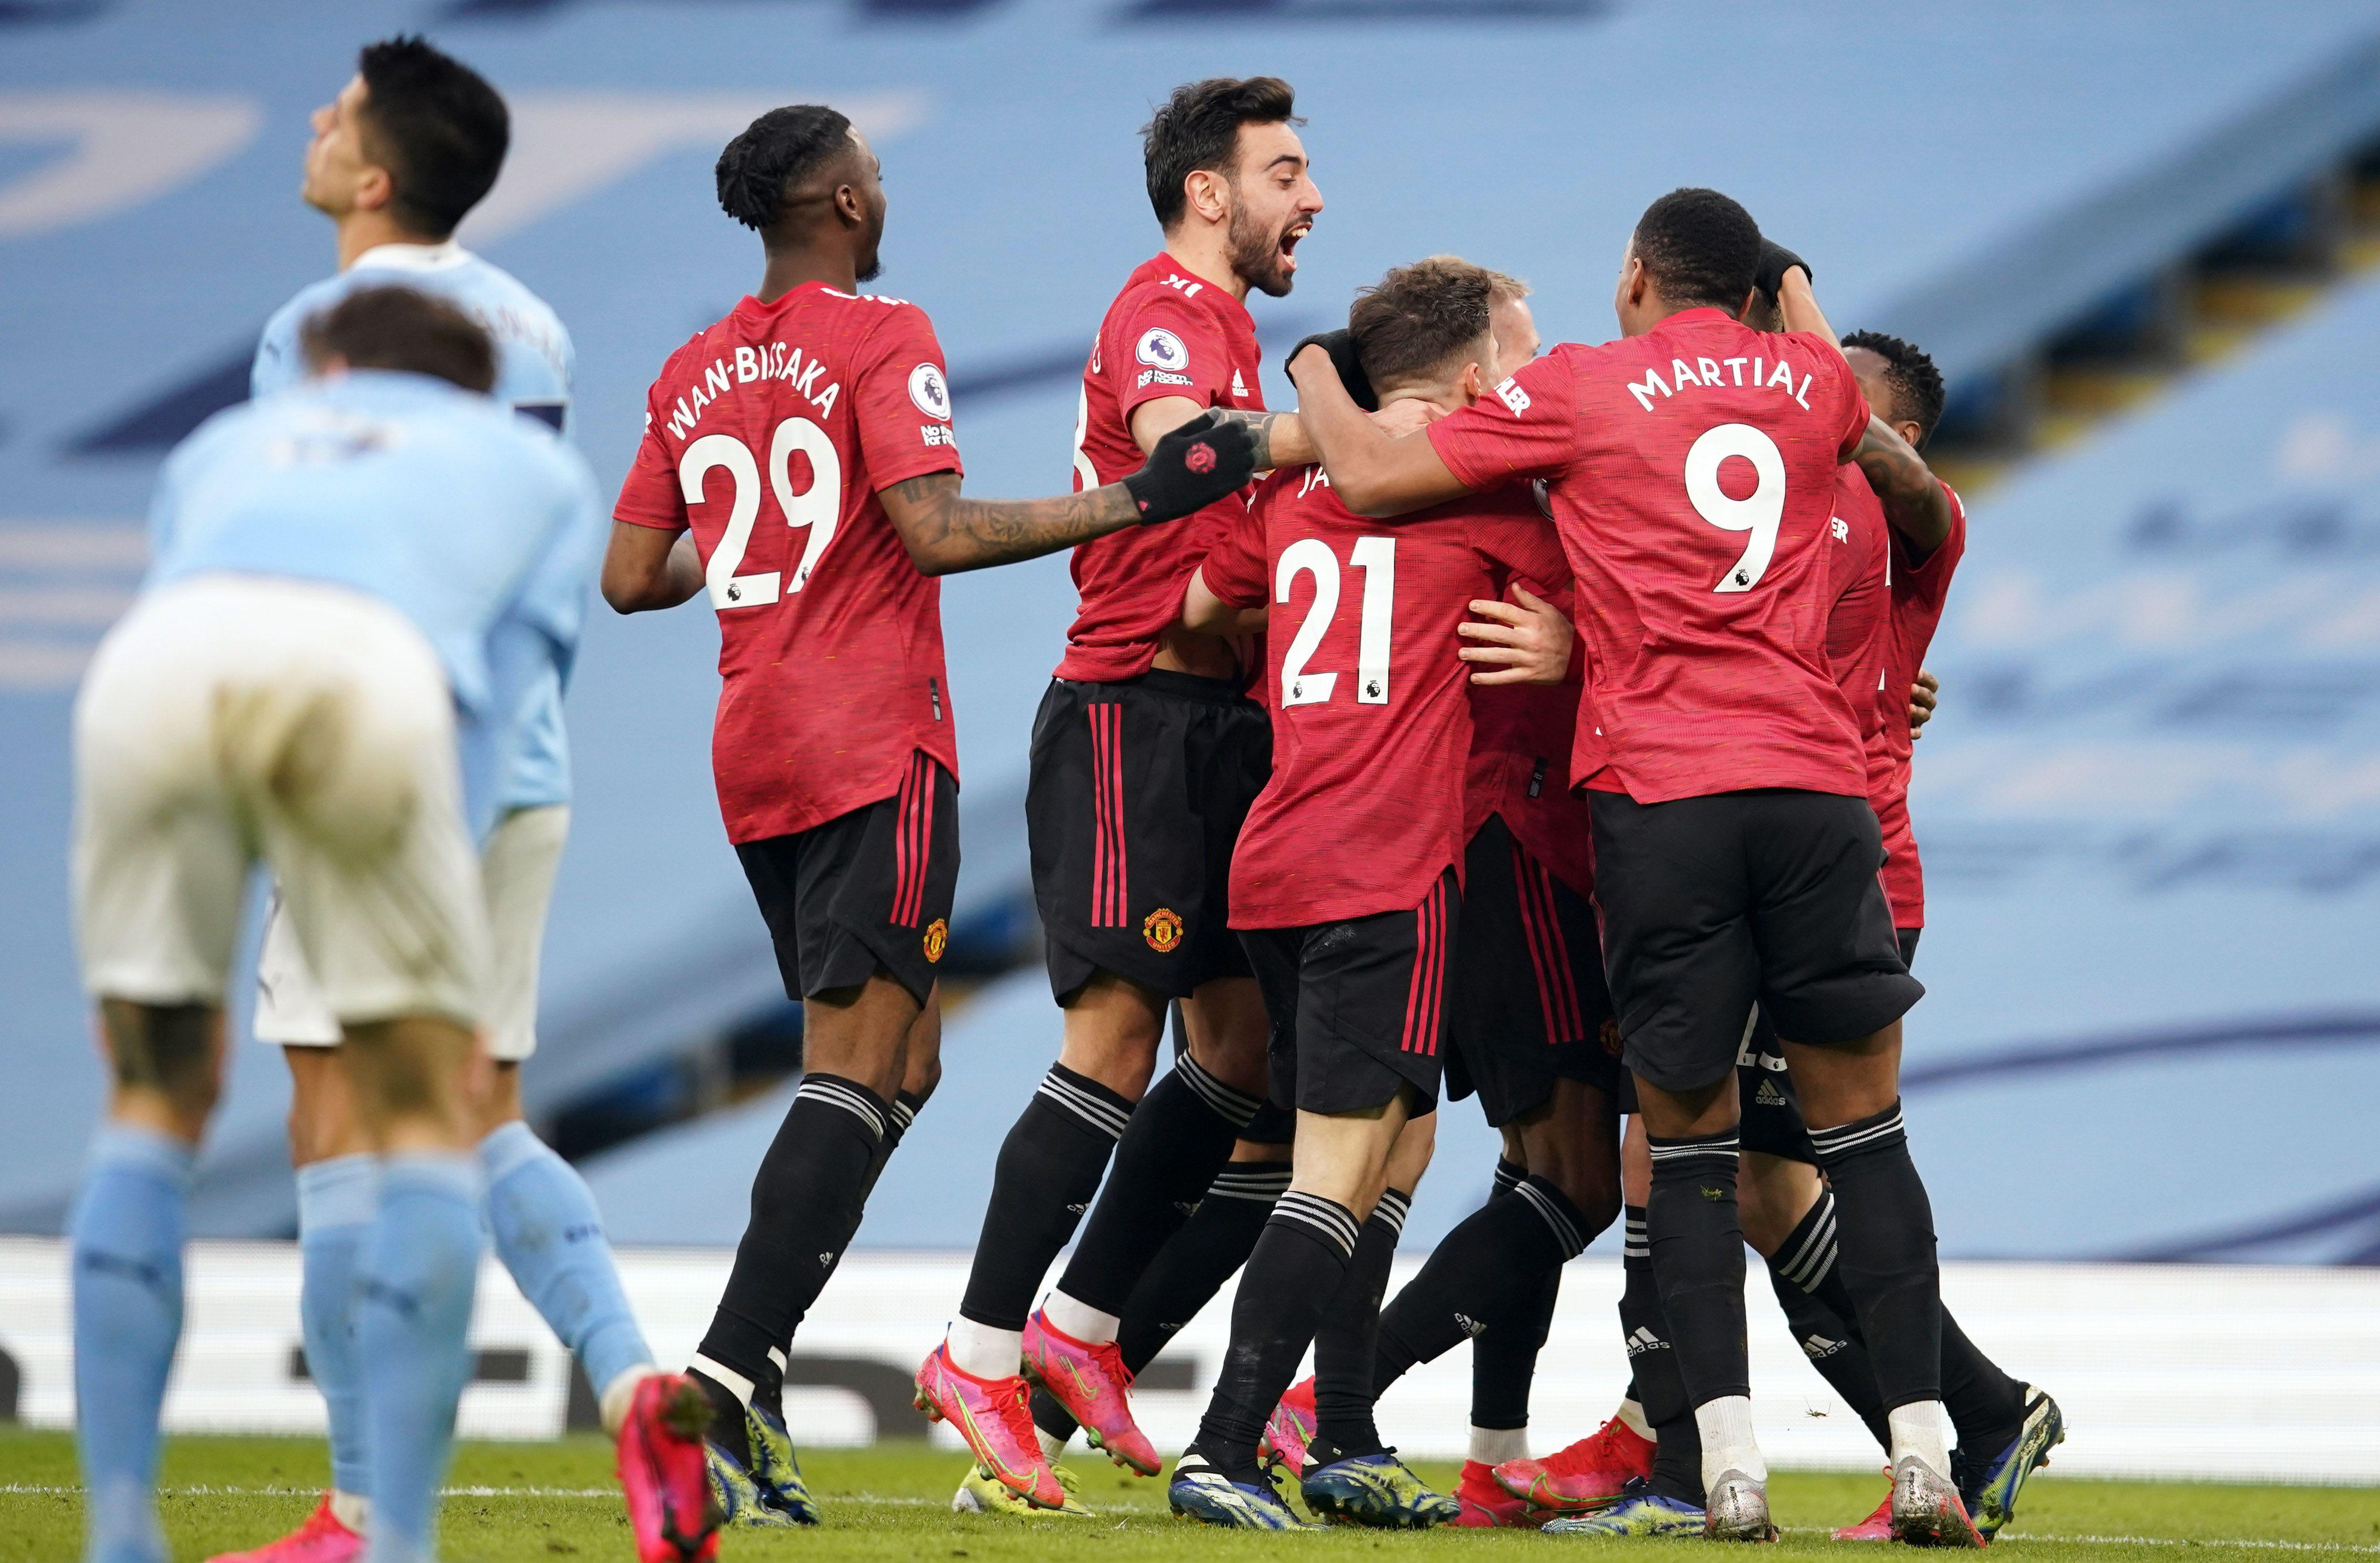 Los jugadores del United festejan el segundo tanto (REUTERS/Dave Thompson).